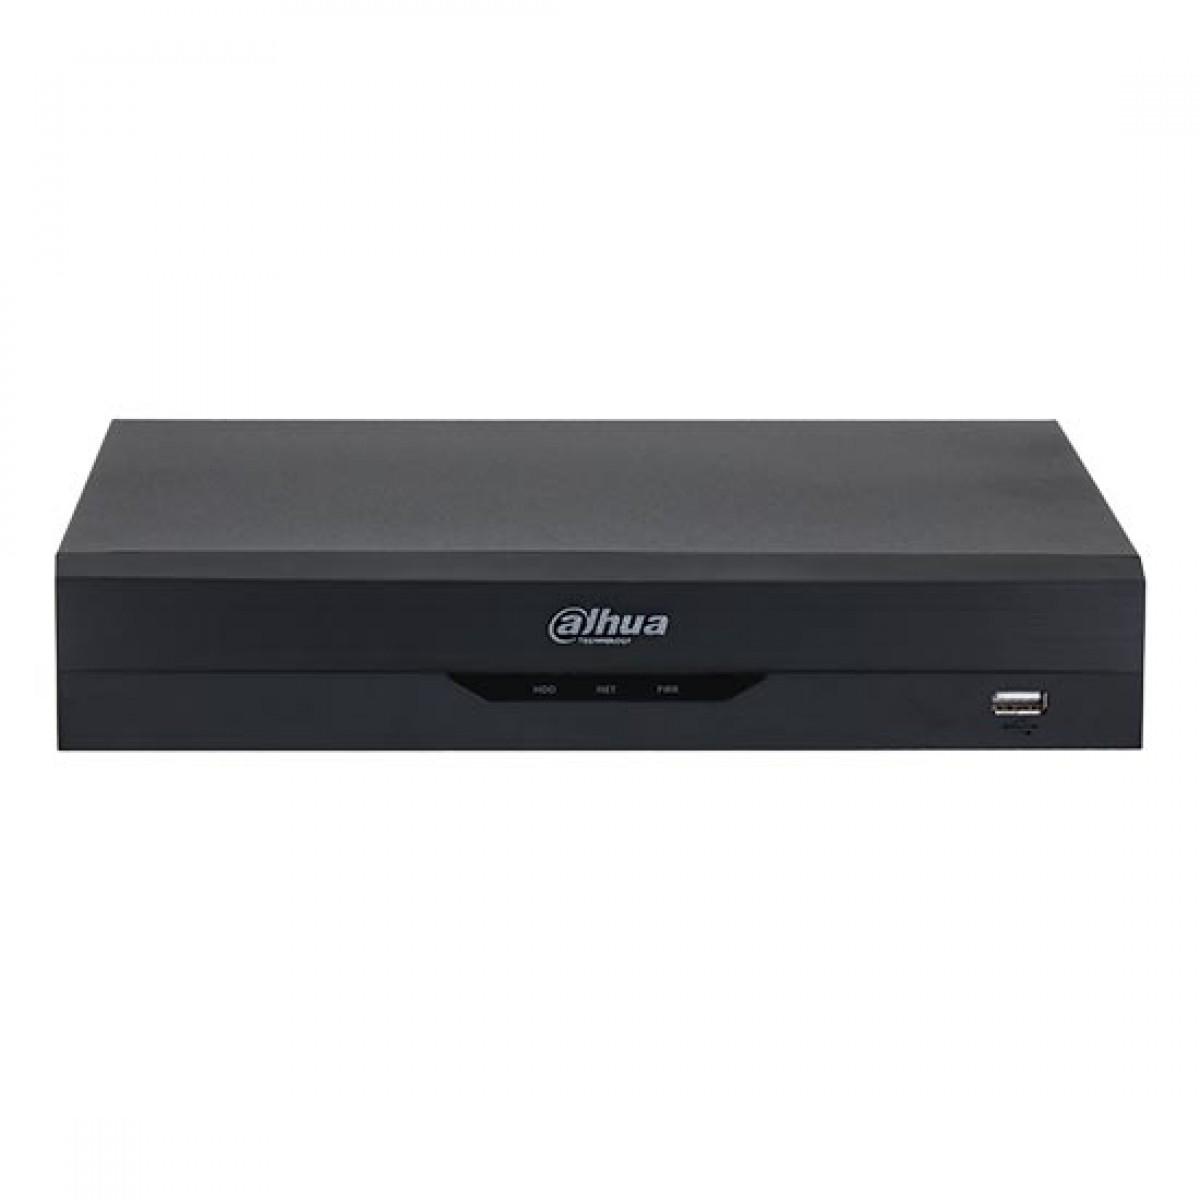 Εικόνα της XVR5216AN-I2  16 Channel Penta-brid 5M-N/1080P 1U WizSense DVR Dahua